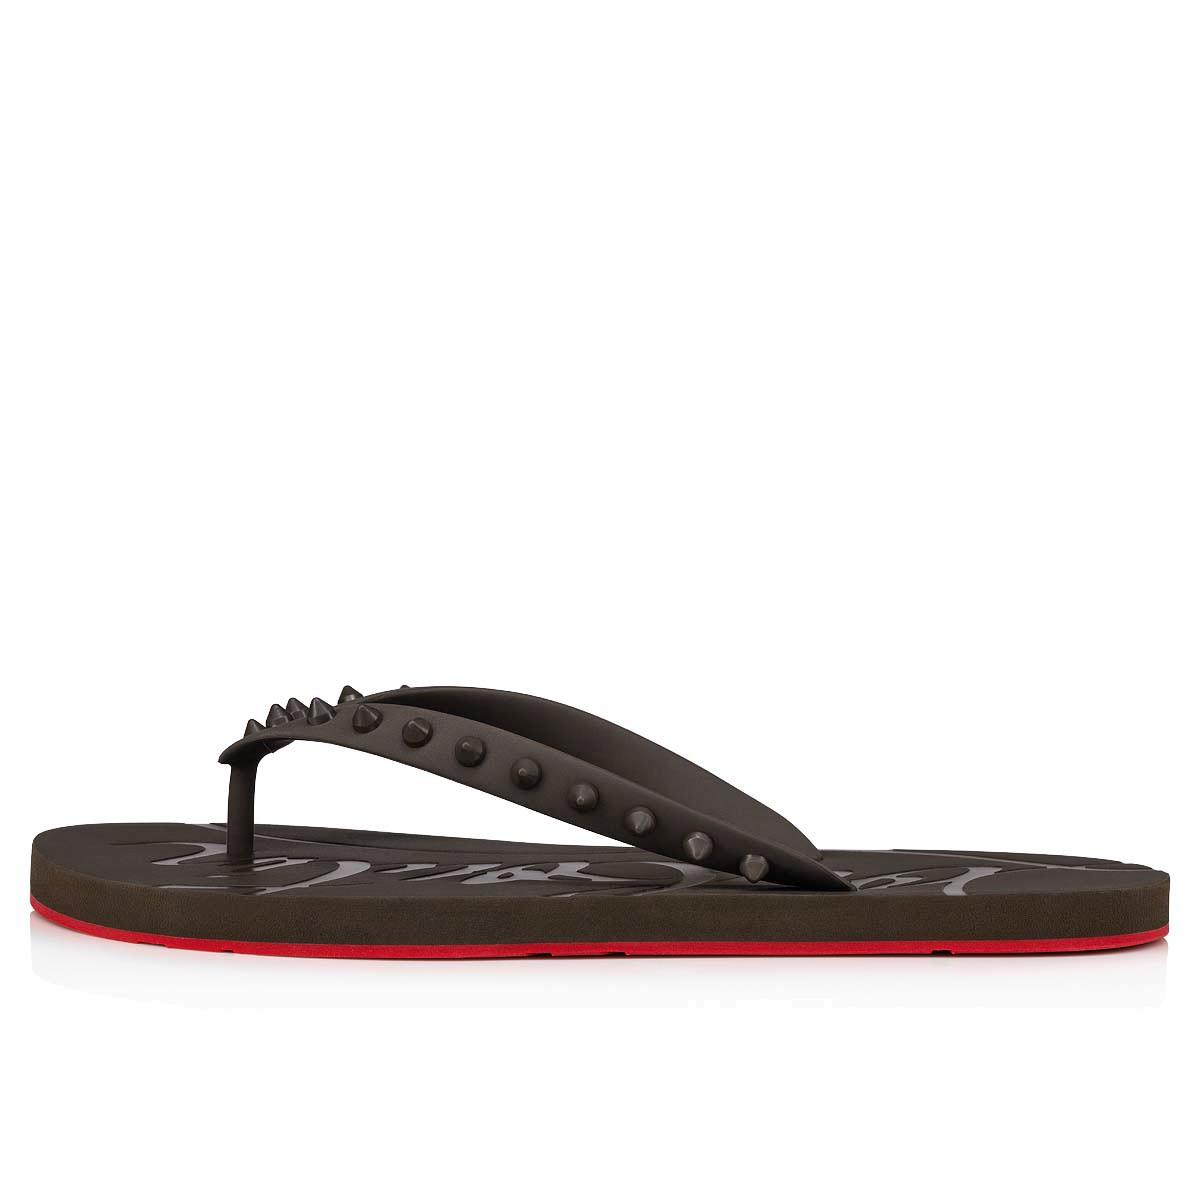 Shoes - Loubi Flip - Christian Louboutin